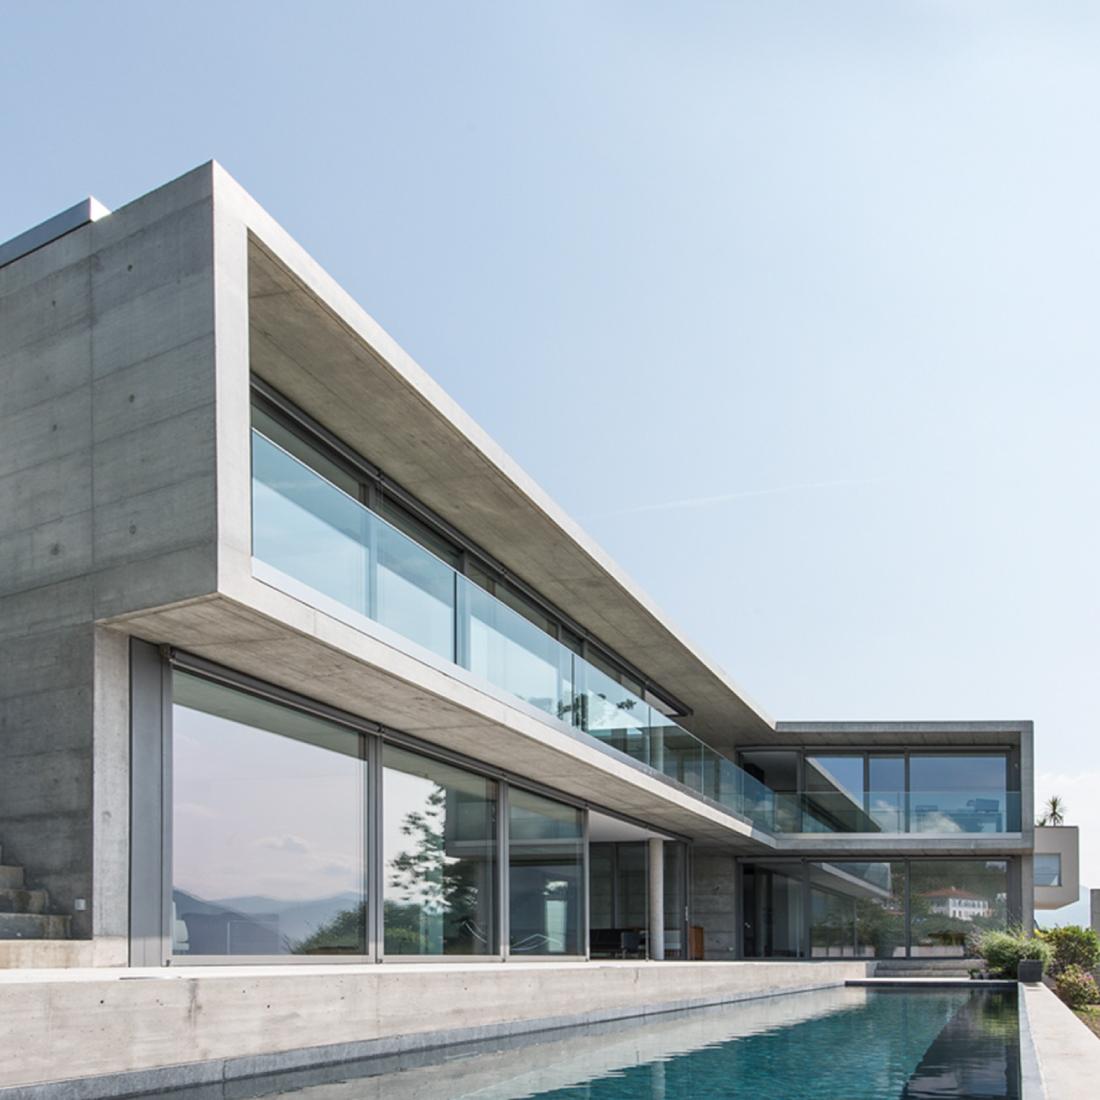 Casa privata ad Orsellina - PIANIFICA